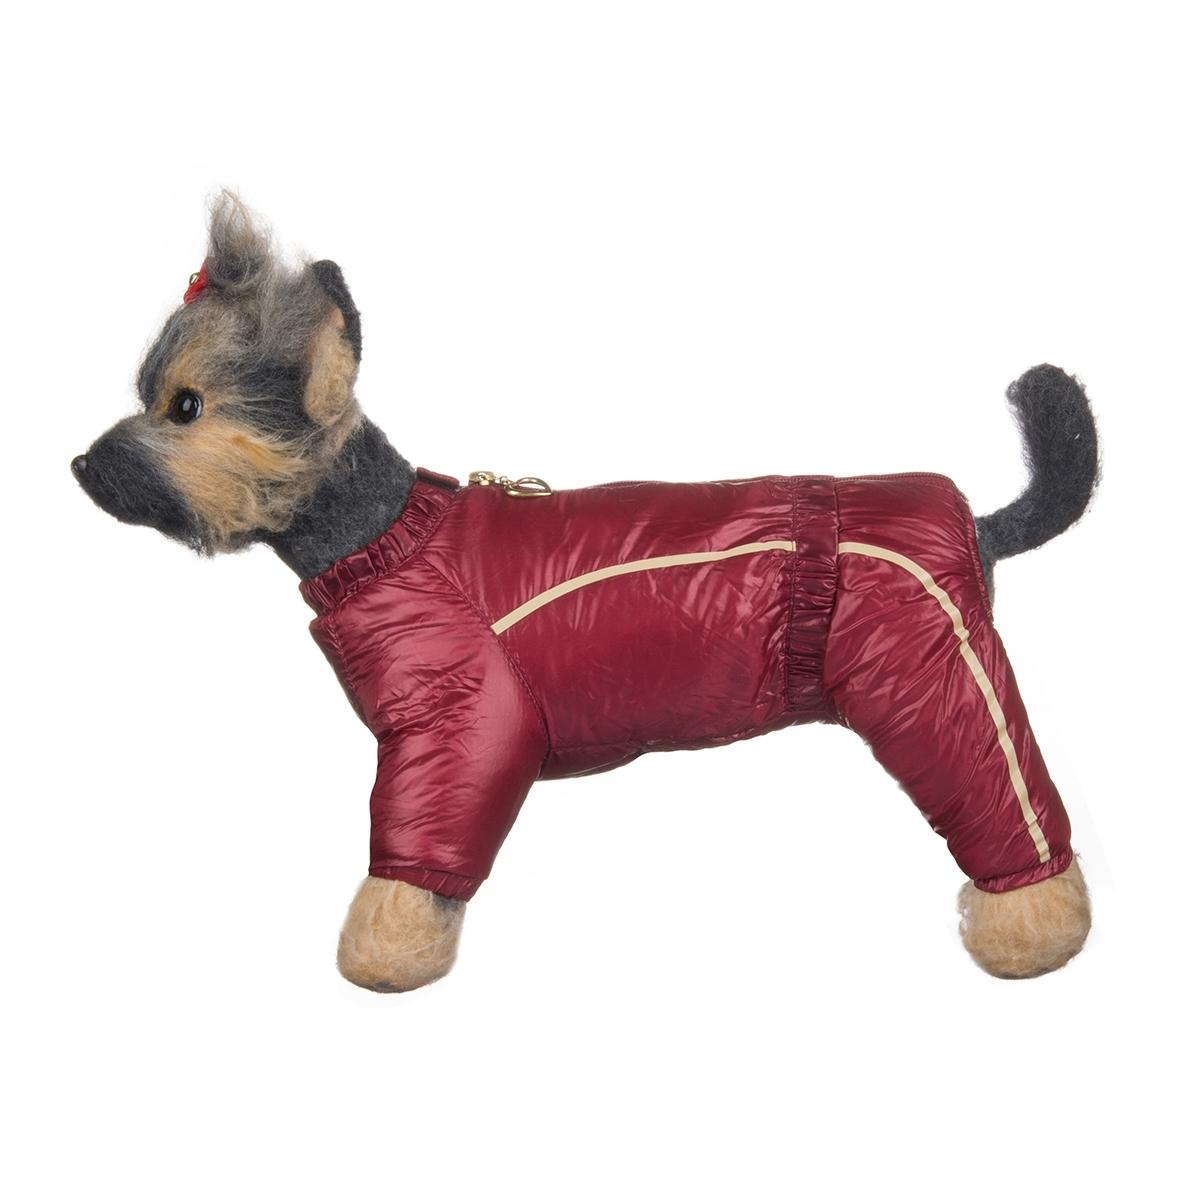 Комбинезон для собак Dogmoda Альпы, зимний, для девочки, цвет: бордовый, серый. Размер 2 (M)DM-150349-2Зимний комбинезон для собак Dogmoda Альпы отлично подойдет для прогулок в зимнее время года. Комбинезон изготовлен из полиэстера, защищающего от ветра и снега, с утеплителем из синтепона, который сохранит тепло даже в сильные морозы, а на подкладке используется искусственный мех, который обеспечивает отличный воздухообмен. Комбинезон застегивается на молнию и липучку, благодаря чему его легко надевать и снимать. Ворот, низ рукавов и брючин оснащены внутренними резинками, которые мягко обхватывают шею и лапки, не позволяя просачиваться холодному воздуху. На пояснице имеется внутренняя резинка. Изделие декорировано бежевыми полосками и надписью DM. Благодаря такому комбинезону простуда не грозит вашему питомцу и он сможет испытать не сравнимое удовольствие от снежных игр и забав.